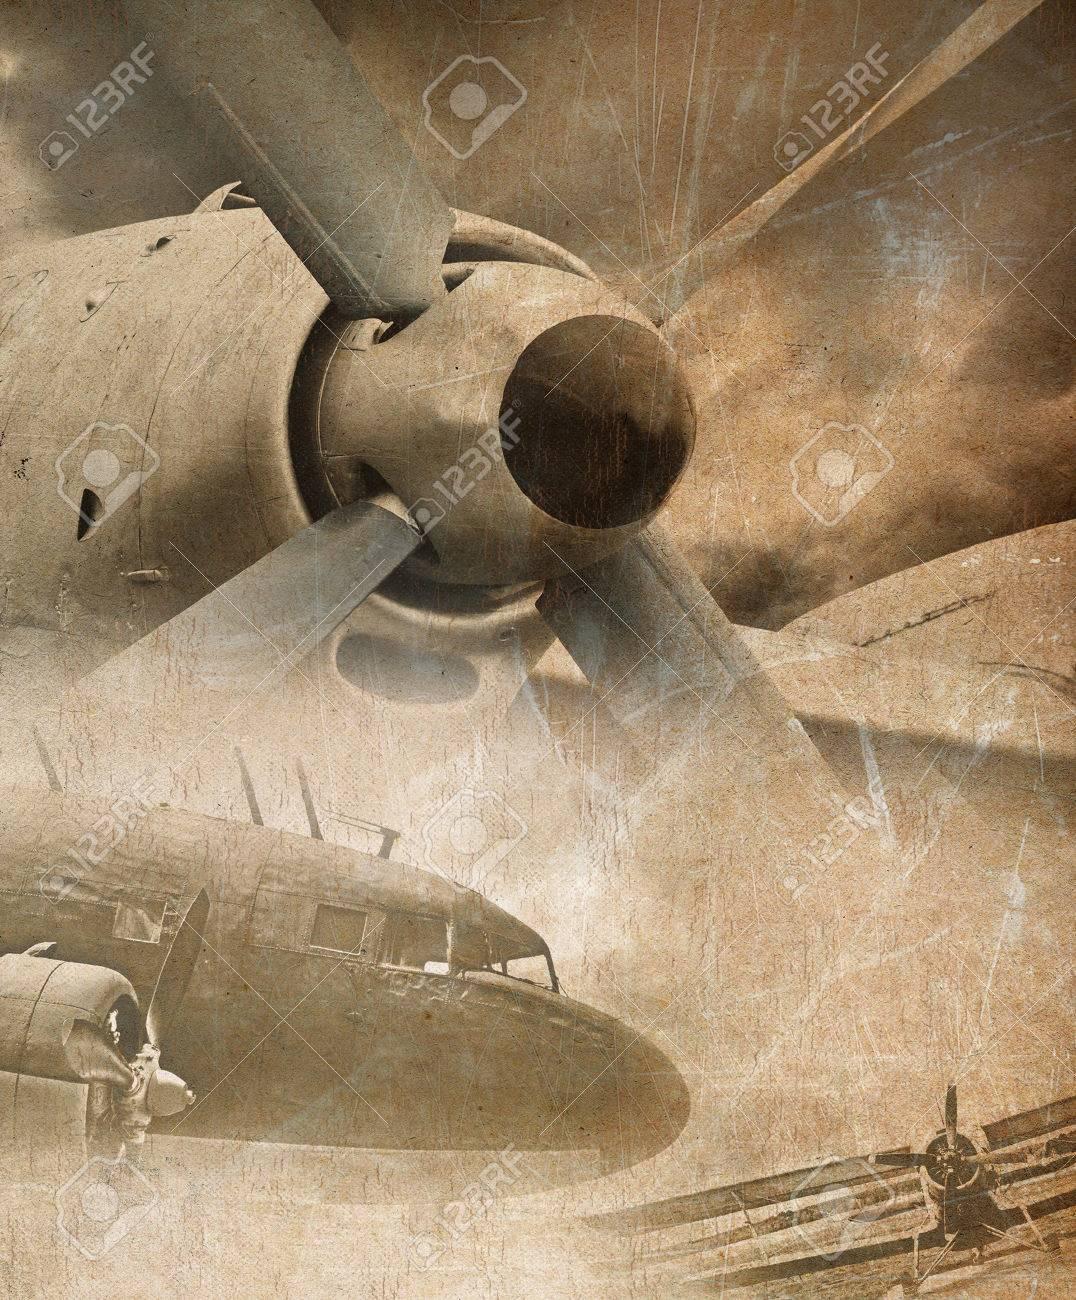 Aviation grunge background - 31127947